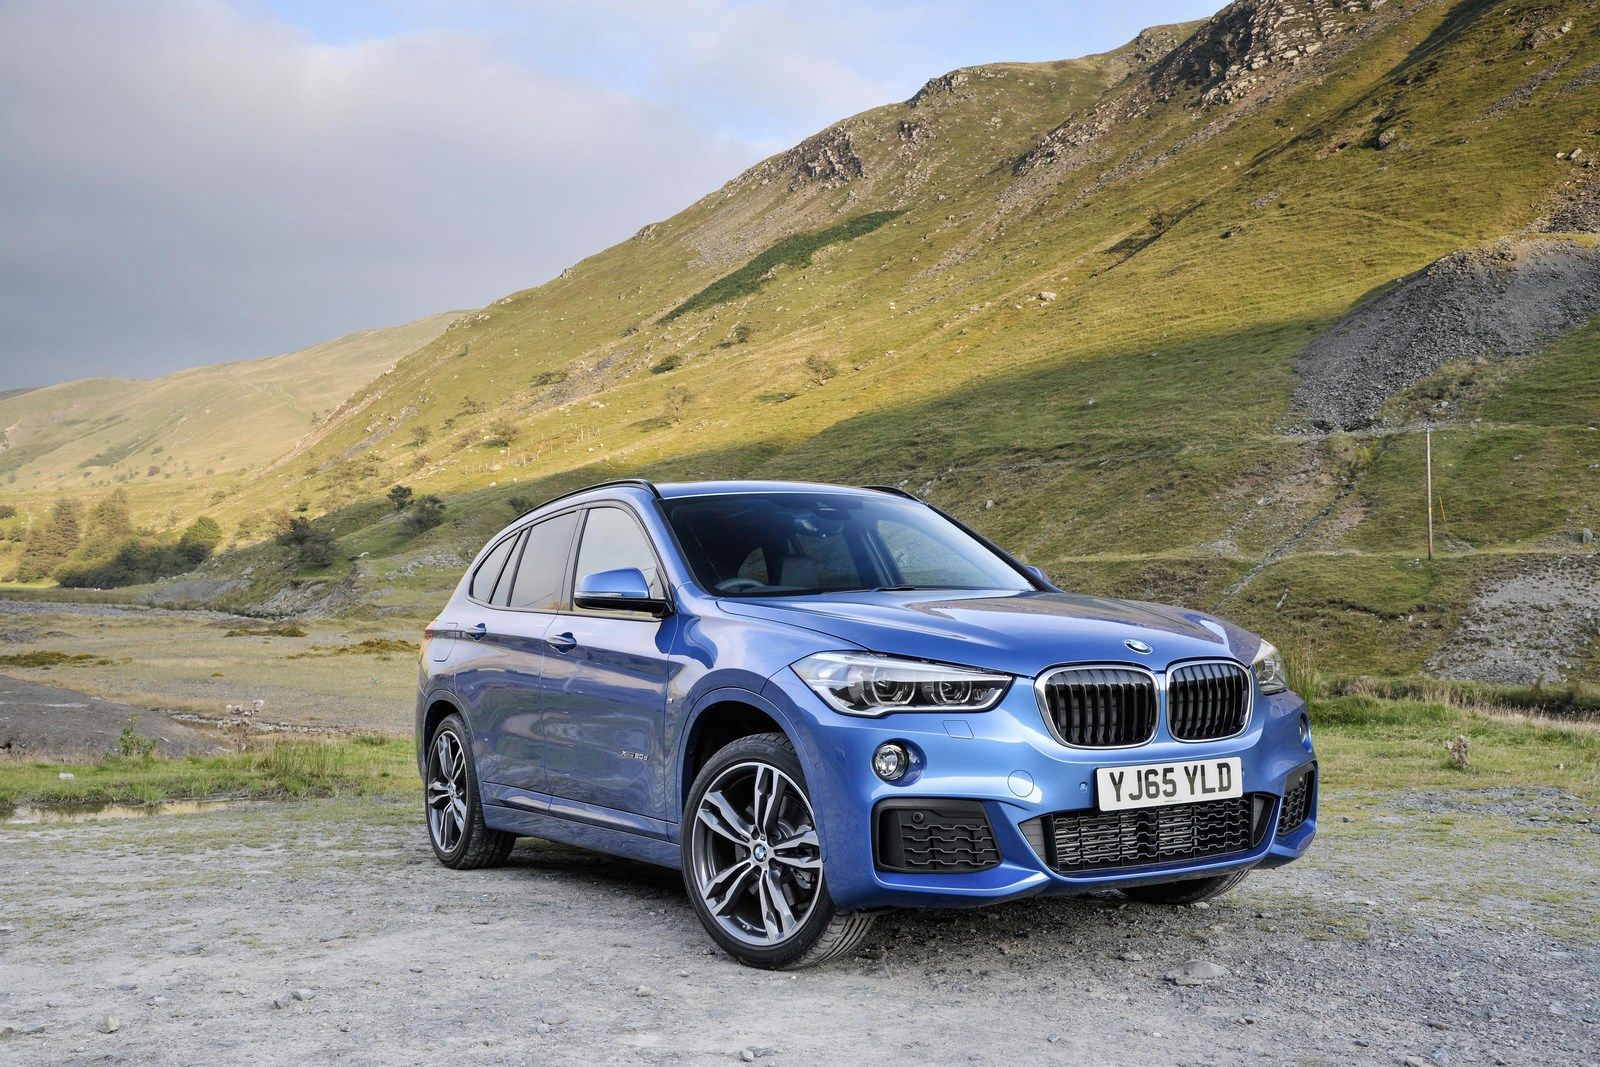 UK Alllnew 2016 BMW X1 priced from £31,225 Bmw, X1 bmw